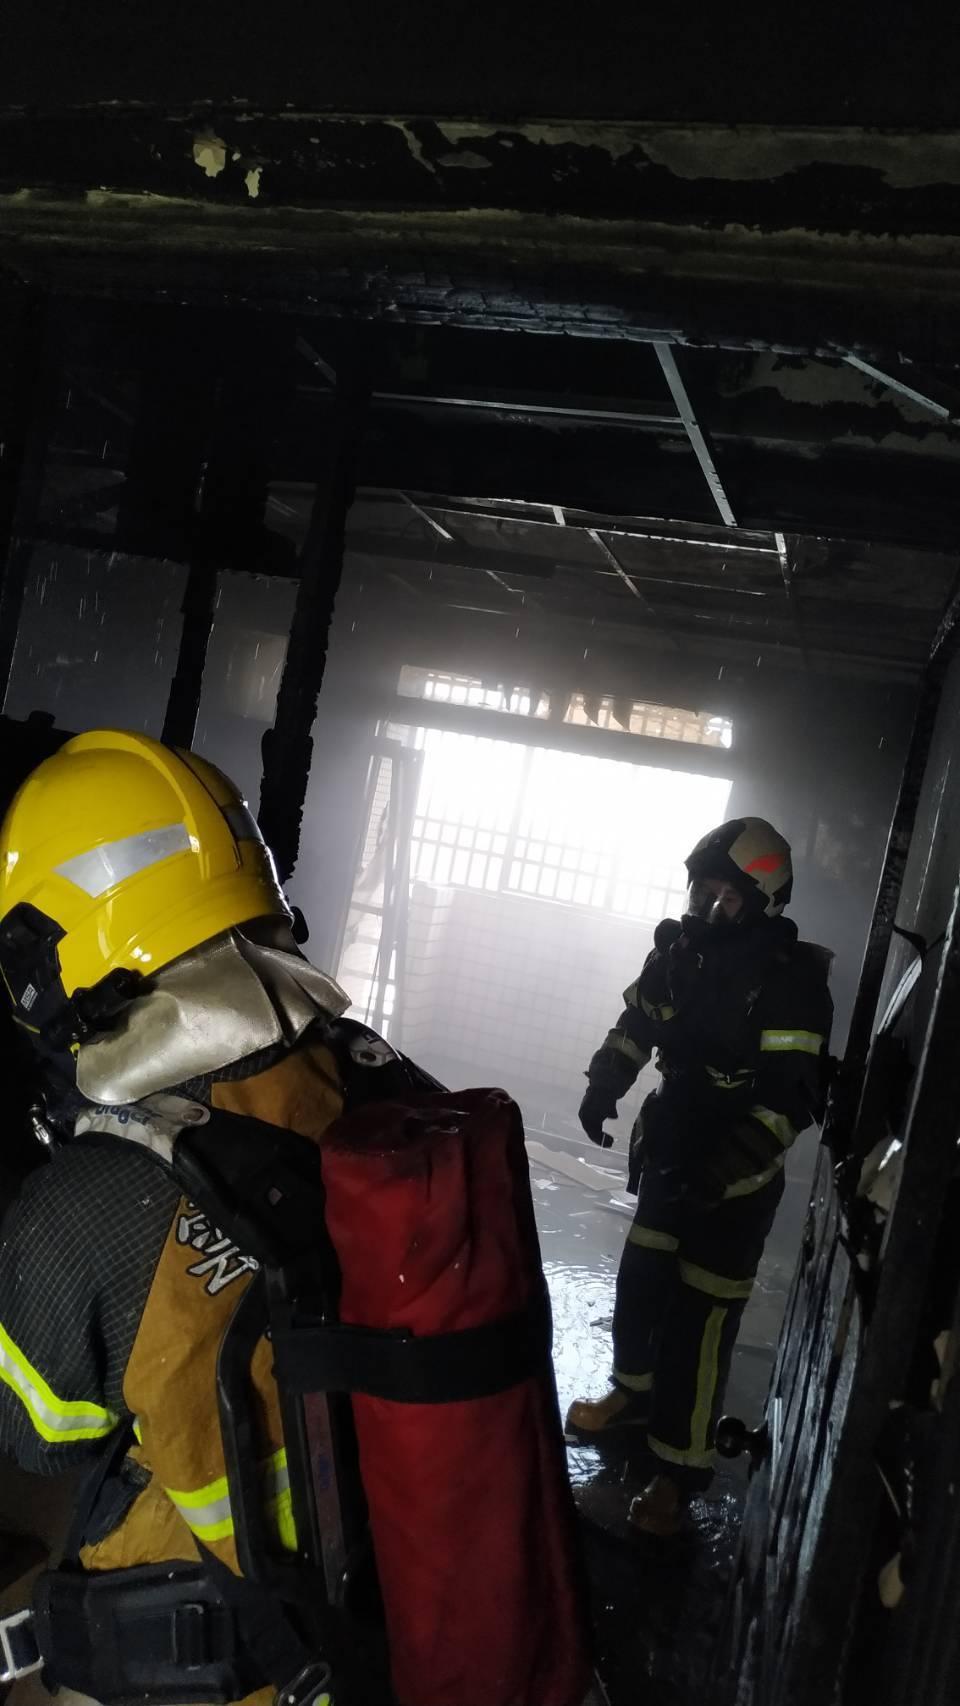 消防局共派遣消防車輛6輛、消防人員12人前往搶救火勢。記者李京昇/翻攝